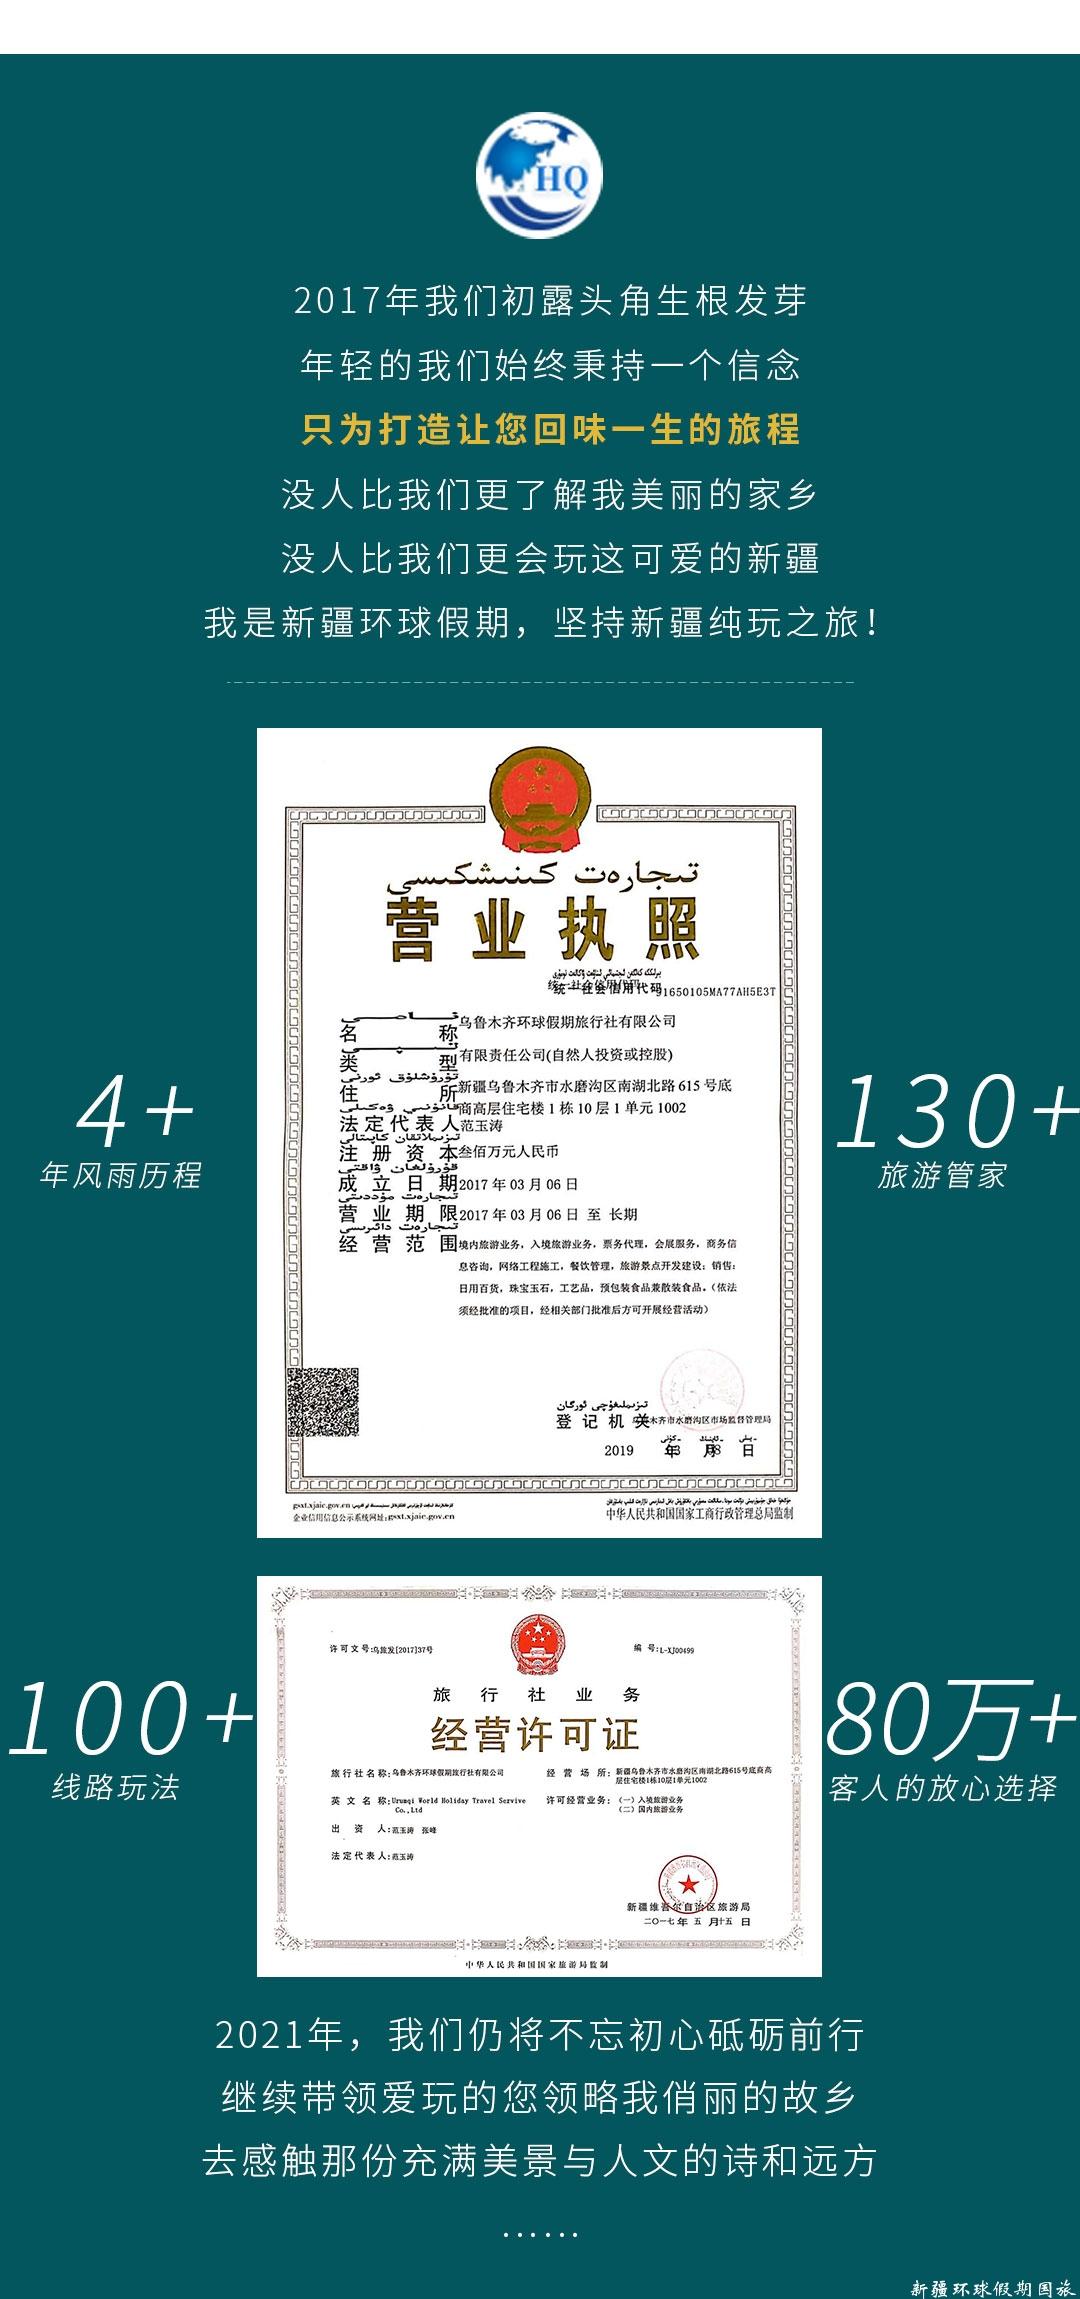 B1-HQBN-006_13